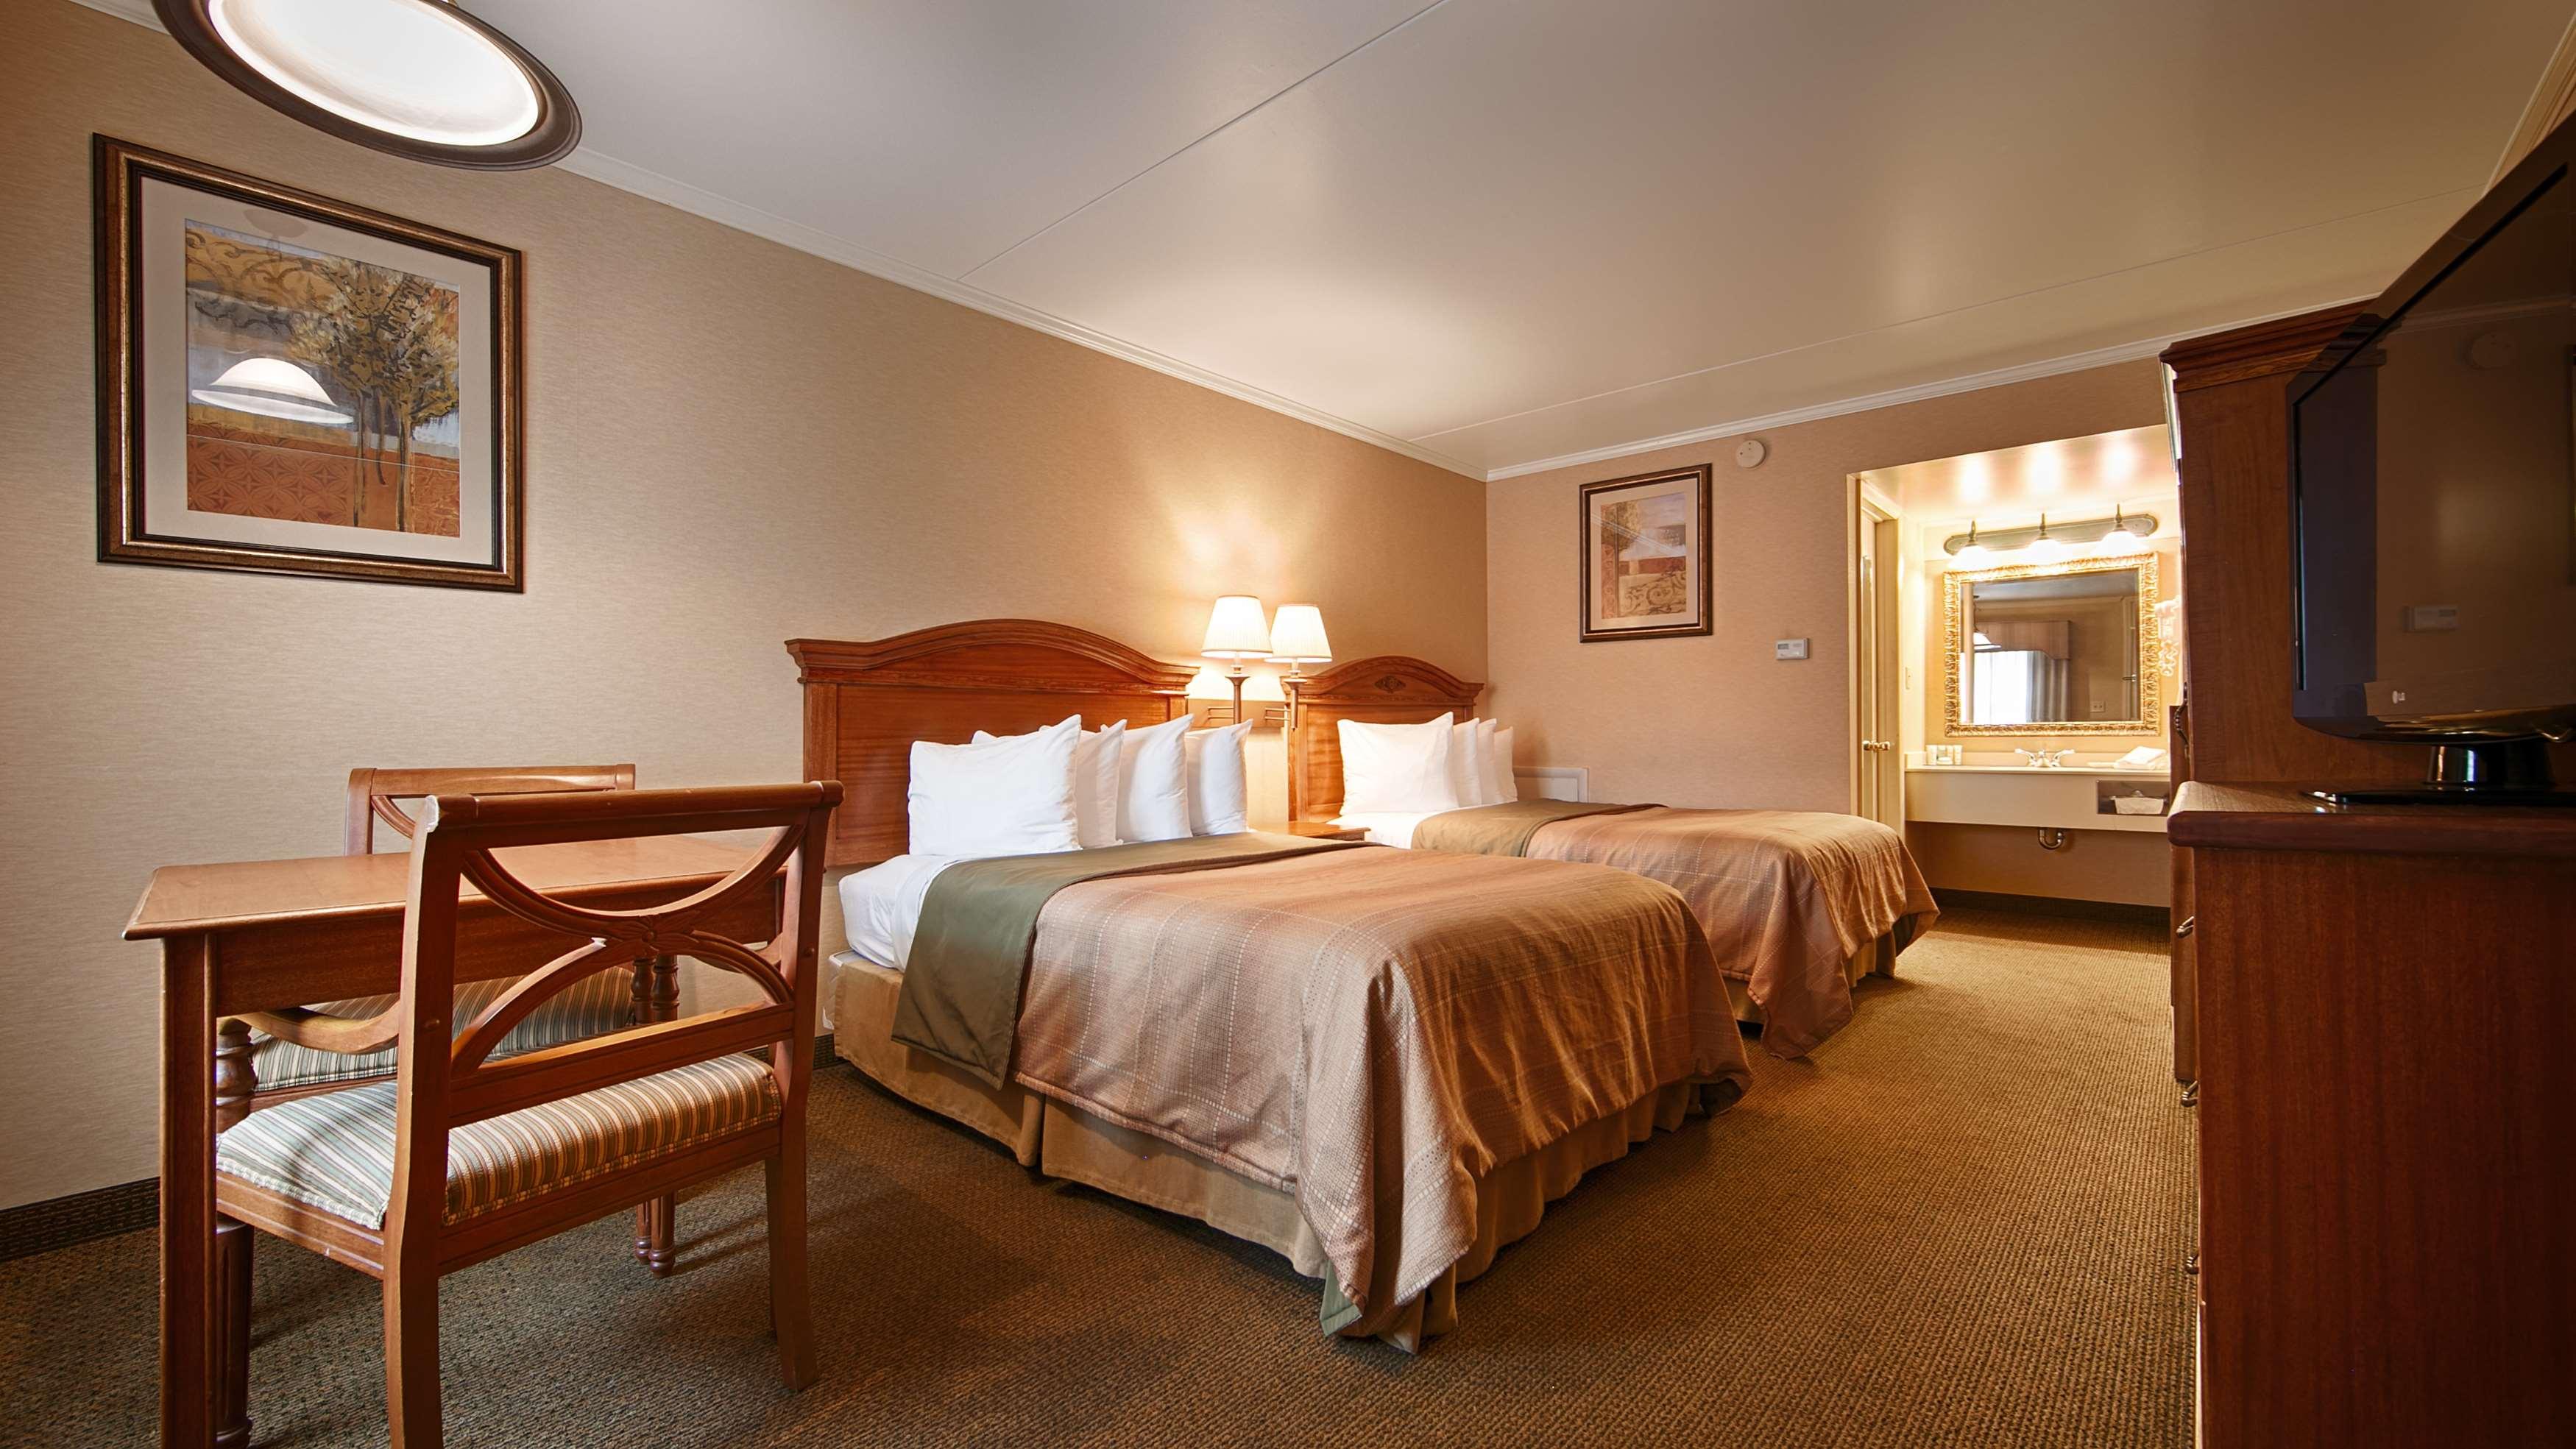 Best Western Plus Revere Inn & Suites image 7